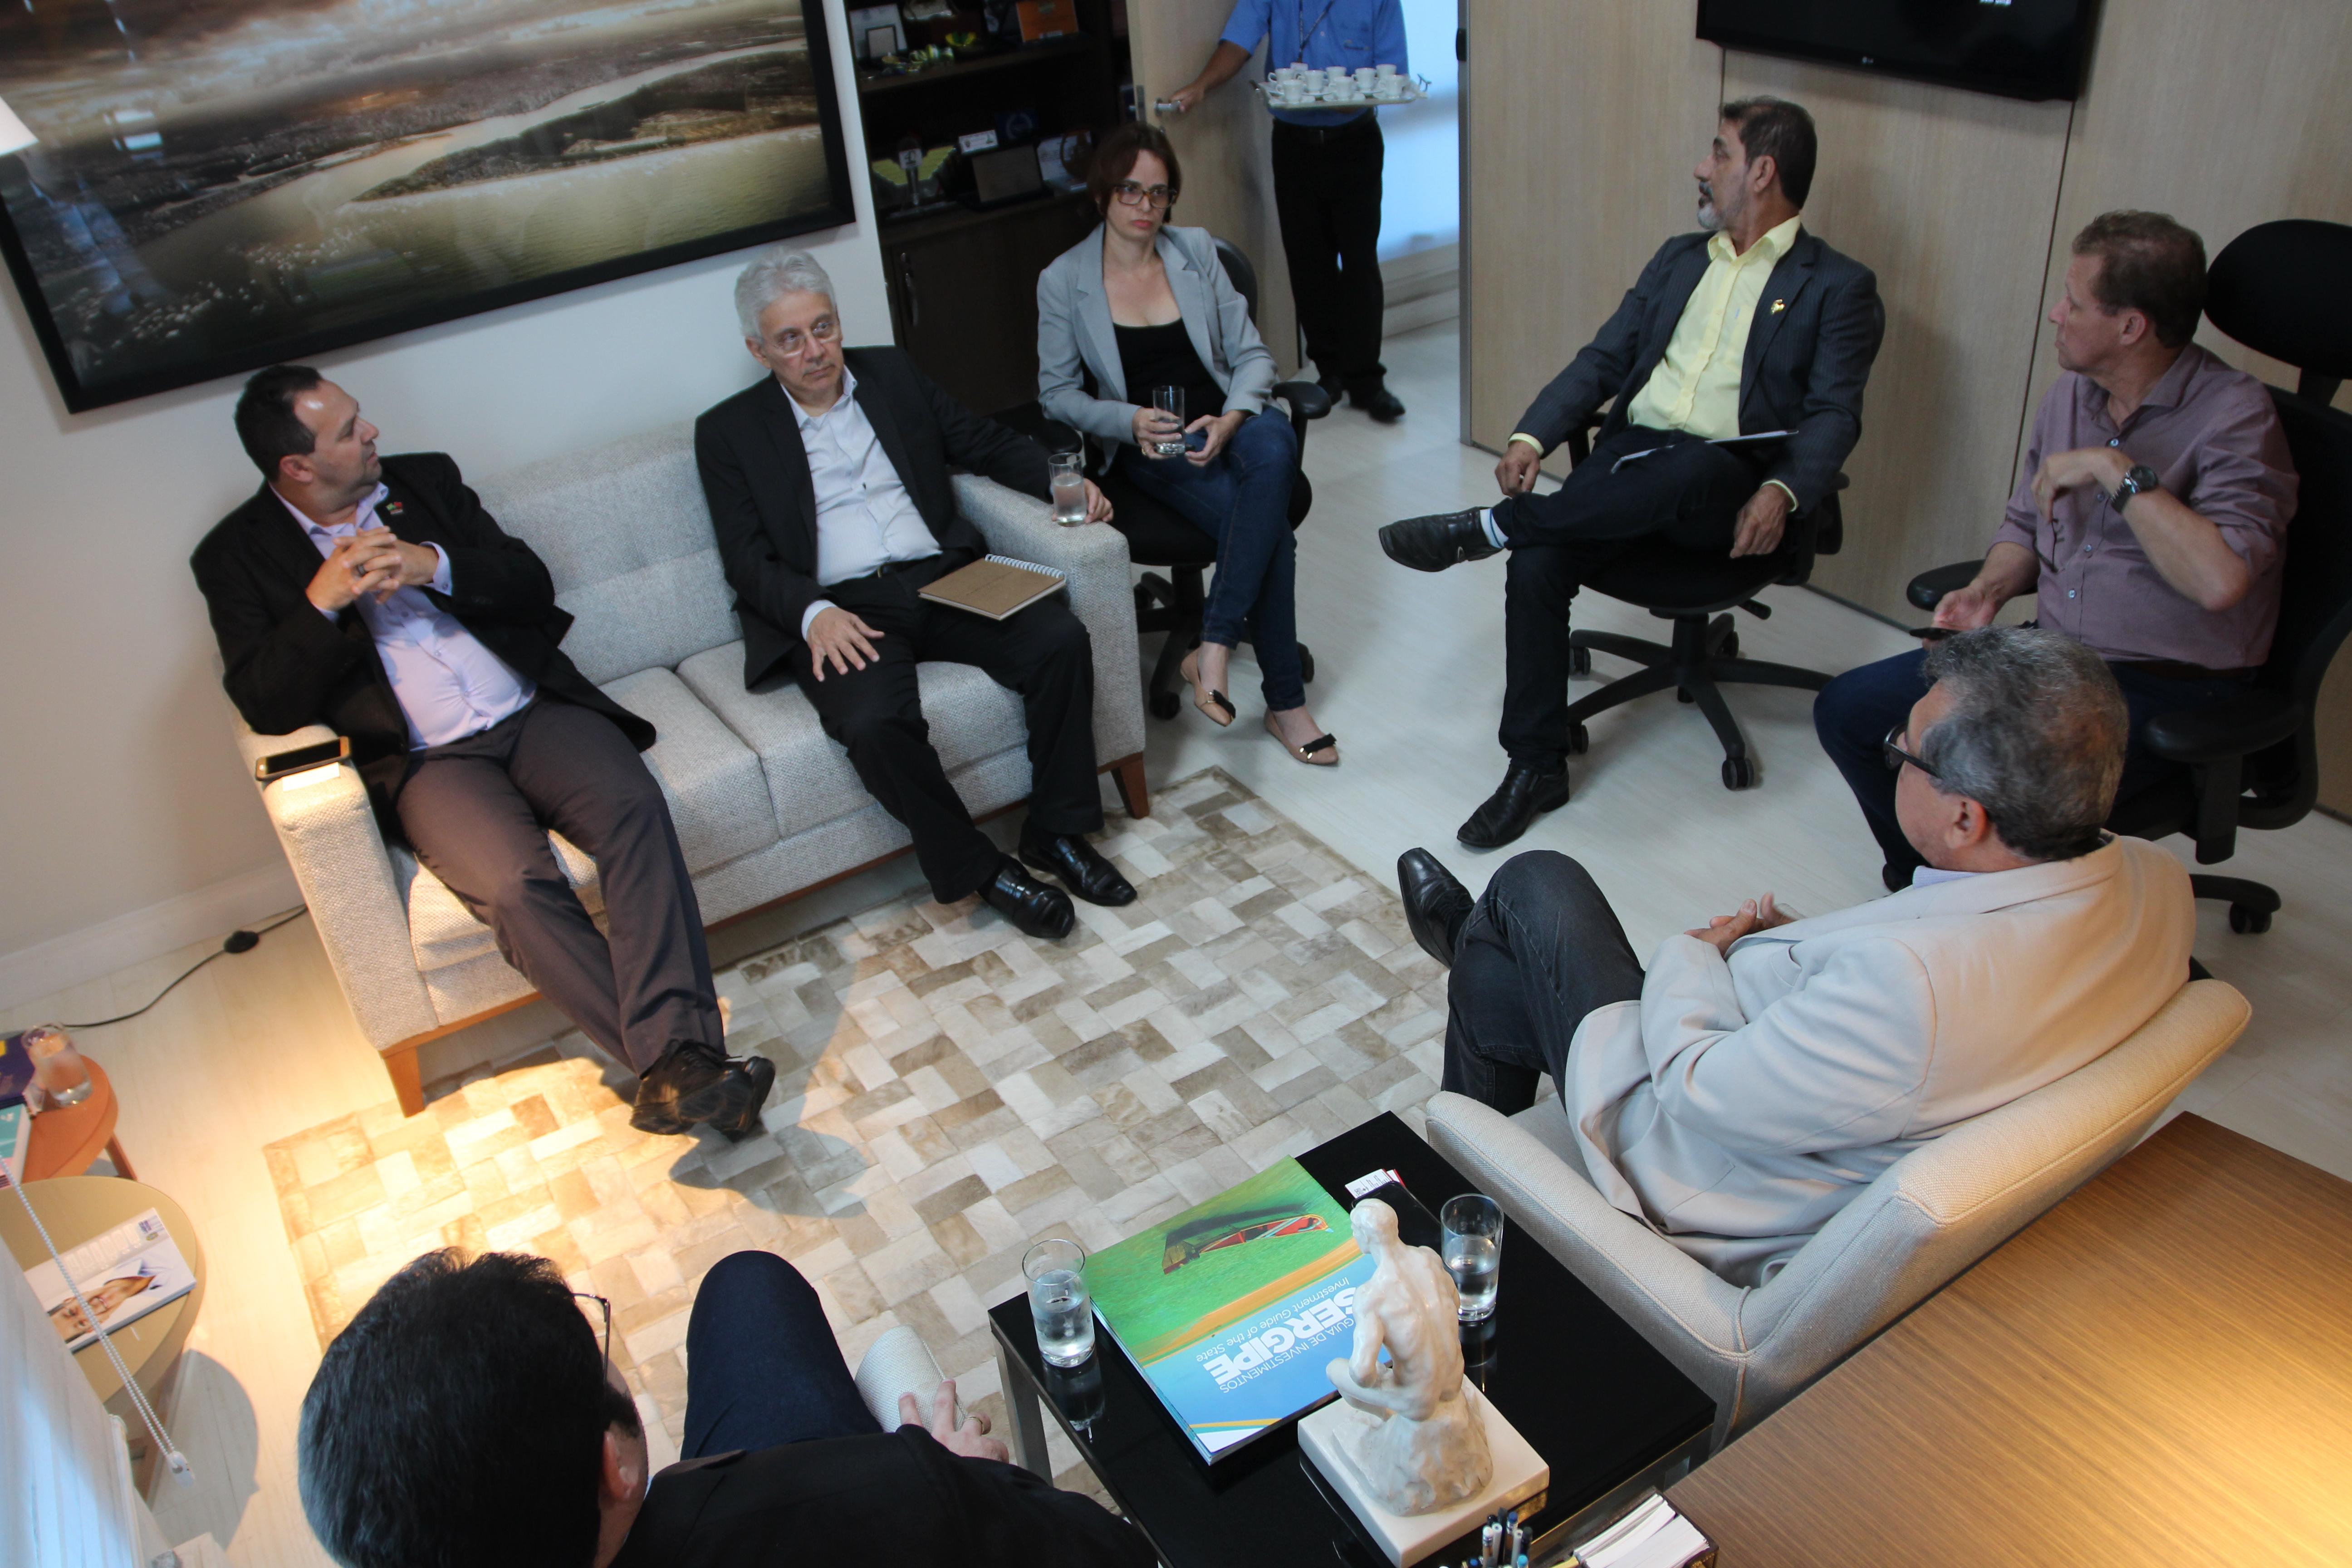 Fecomércio se reúne com representantes da c mara de comércio e